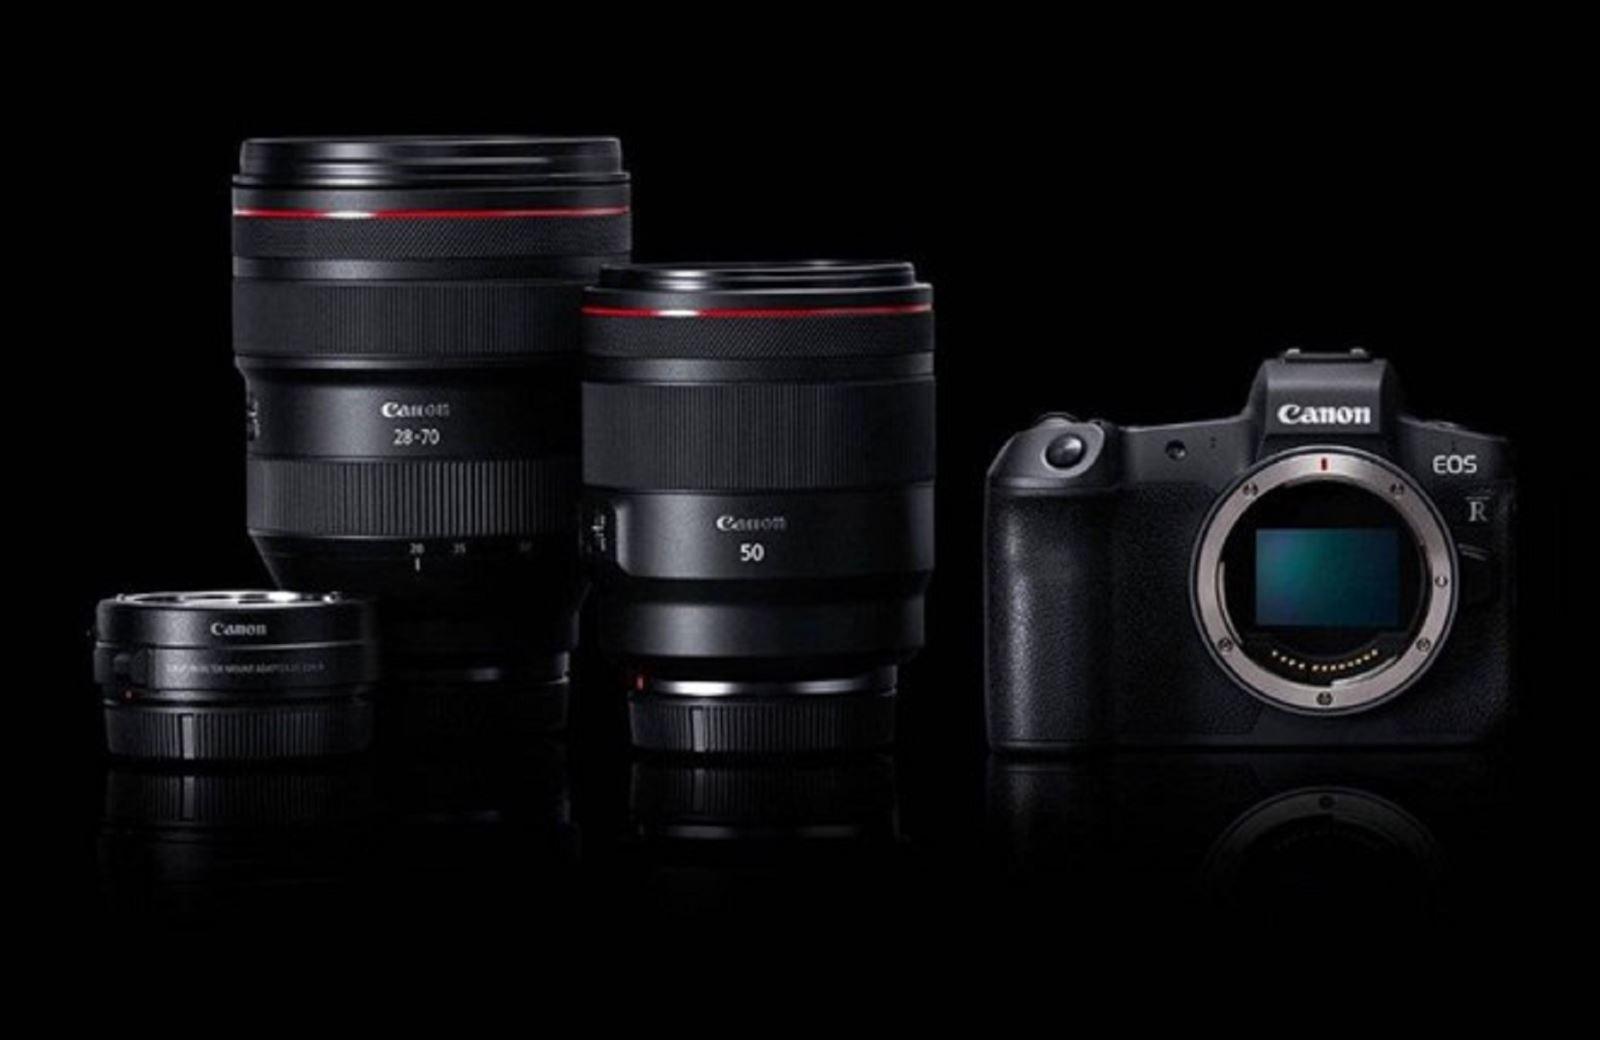 Canon khởi động hệ thống ống kính mới : dòng ống kính RF dành riêng cho Canon EOS R